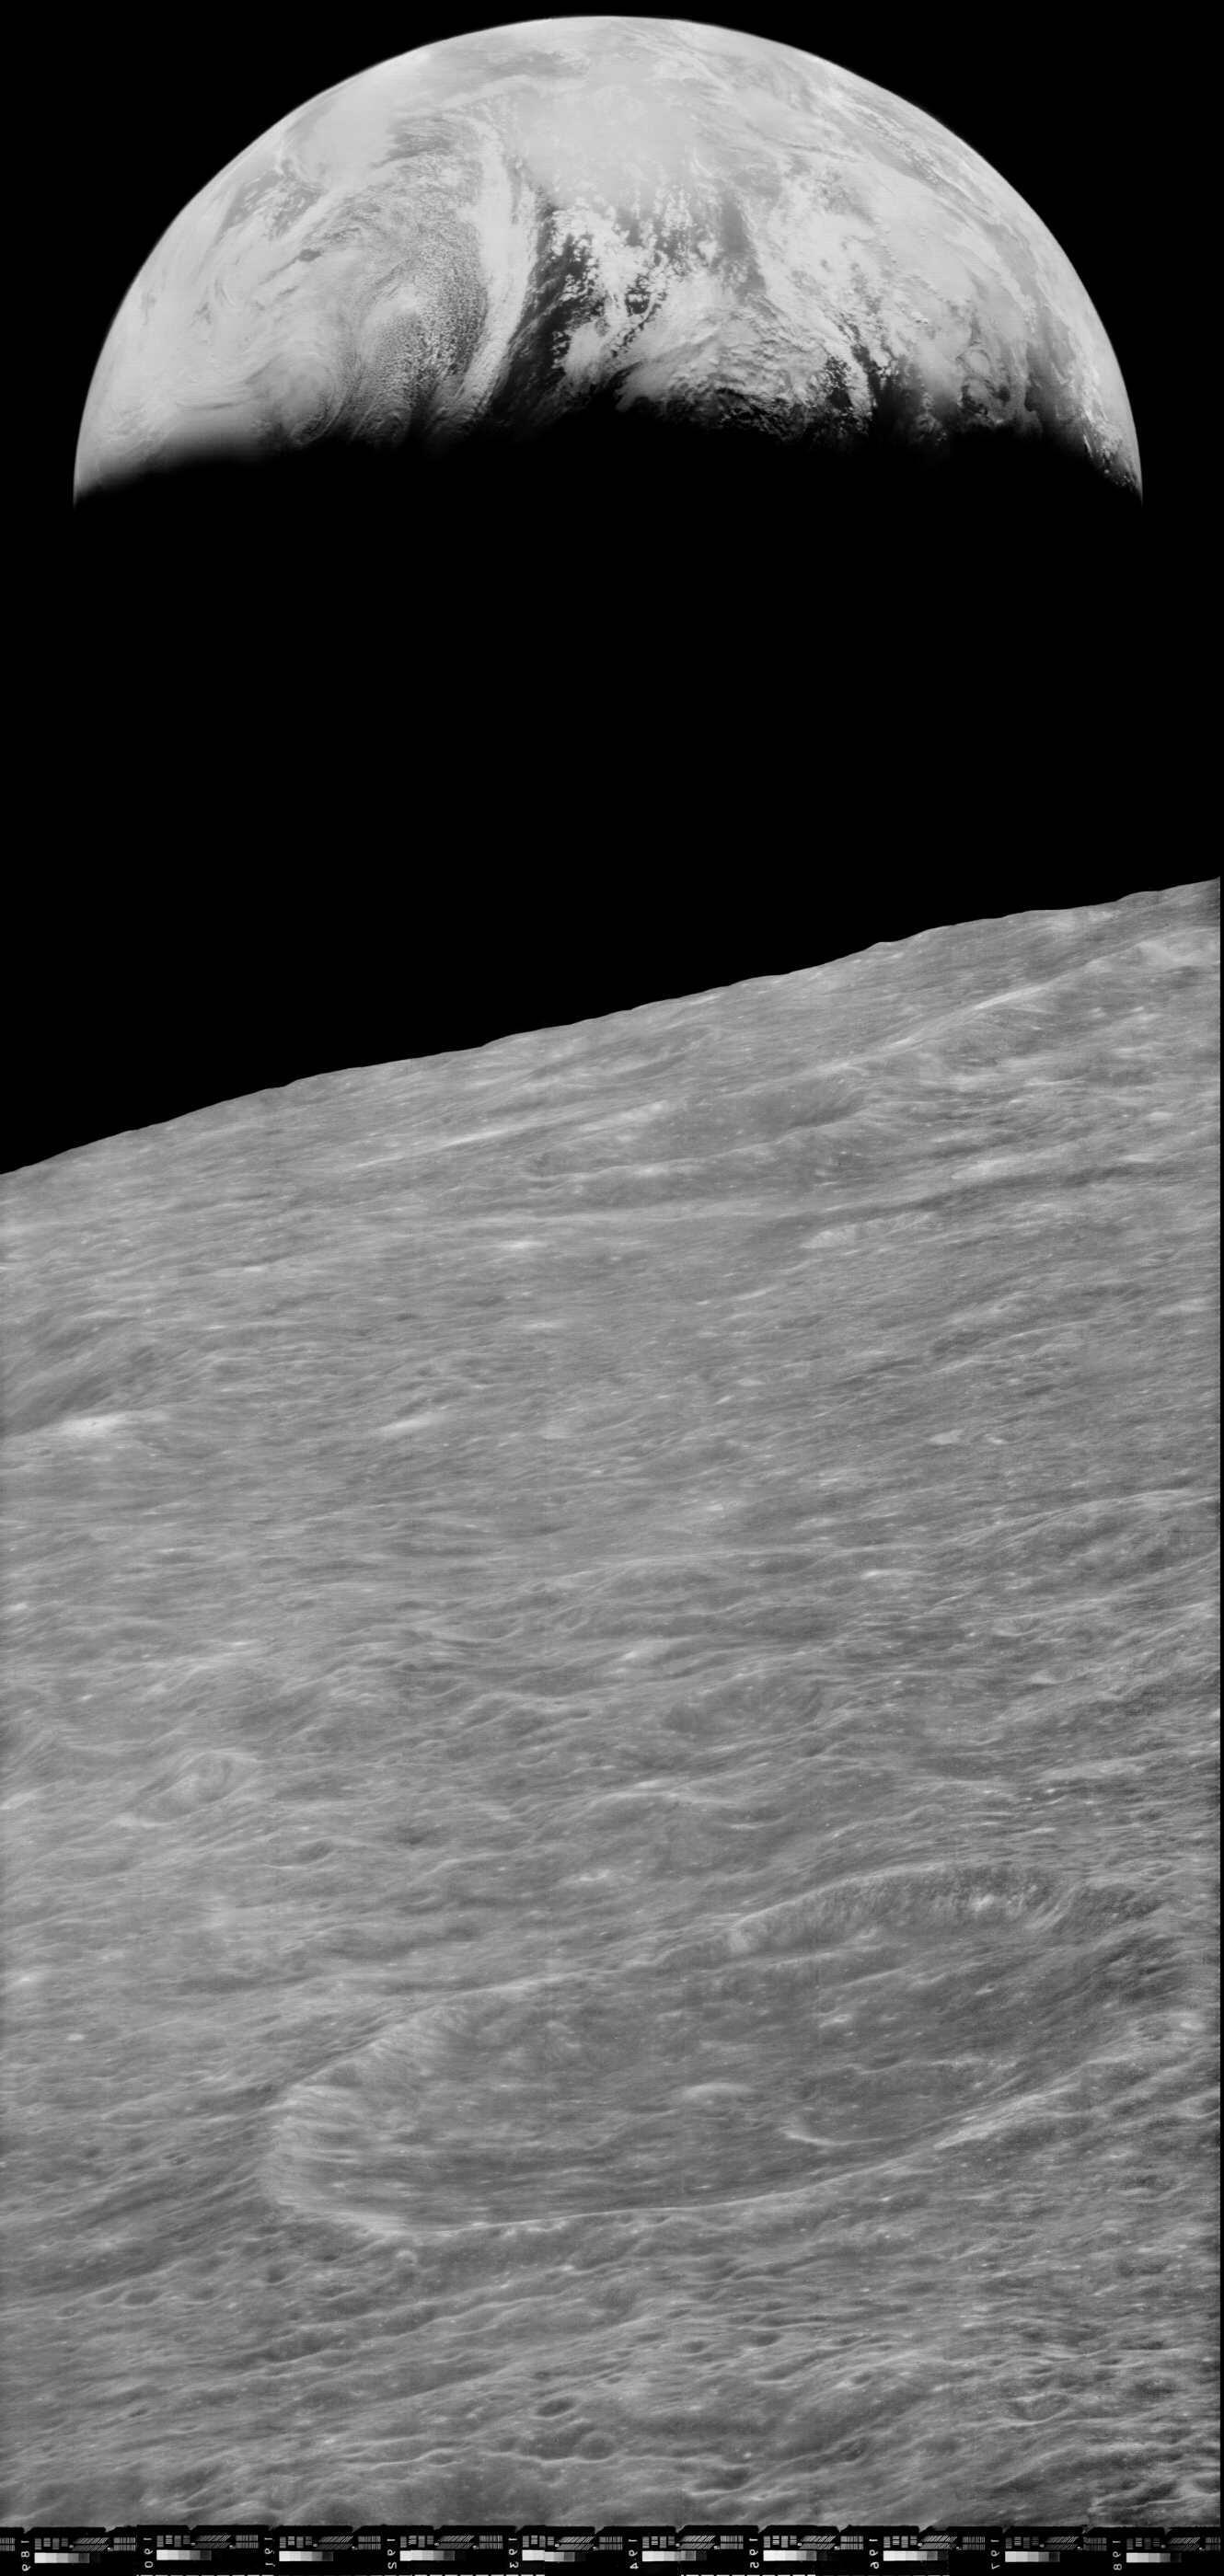 أول صورة مرقمنة للأرض ذات جودة عالية (ناسا)